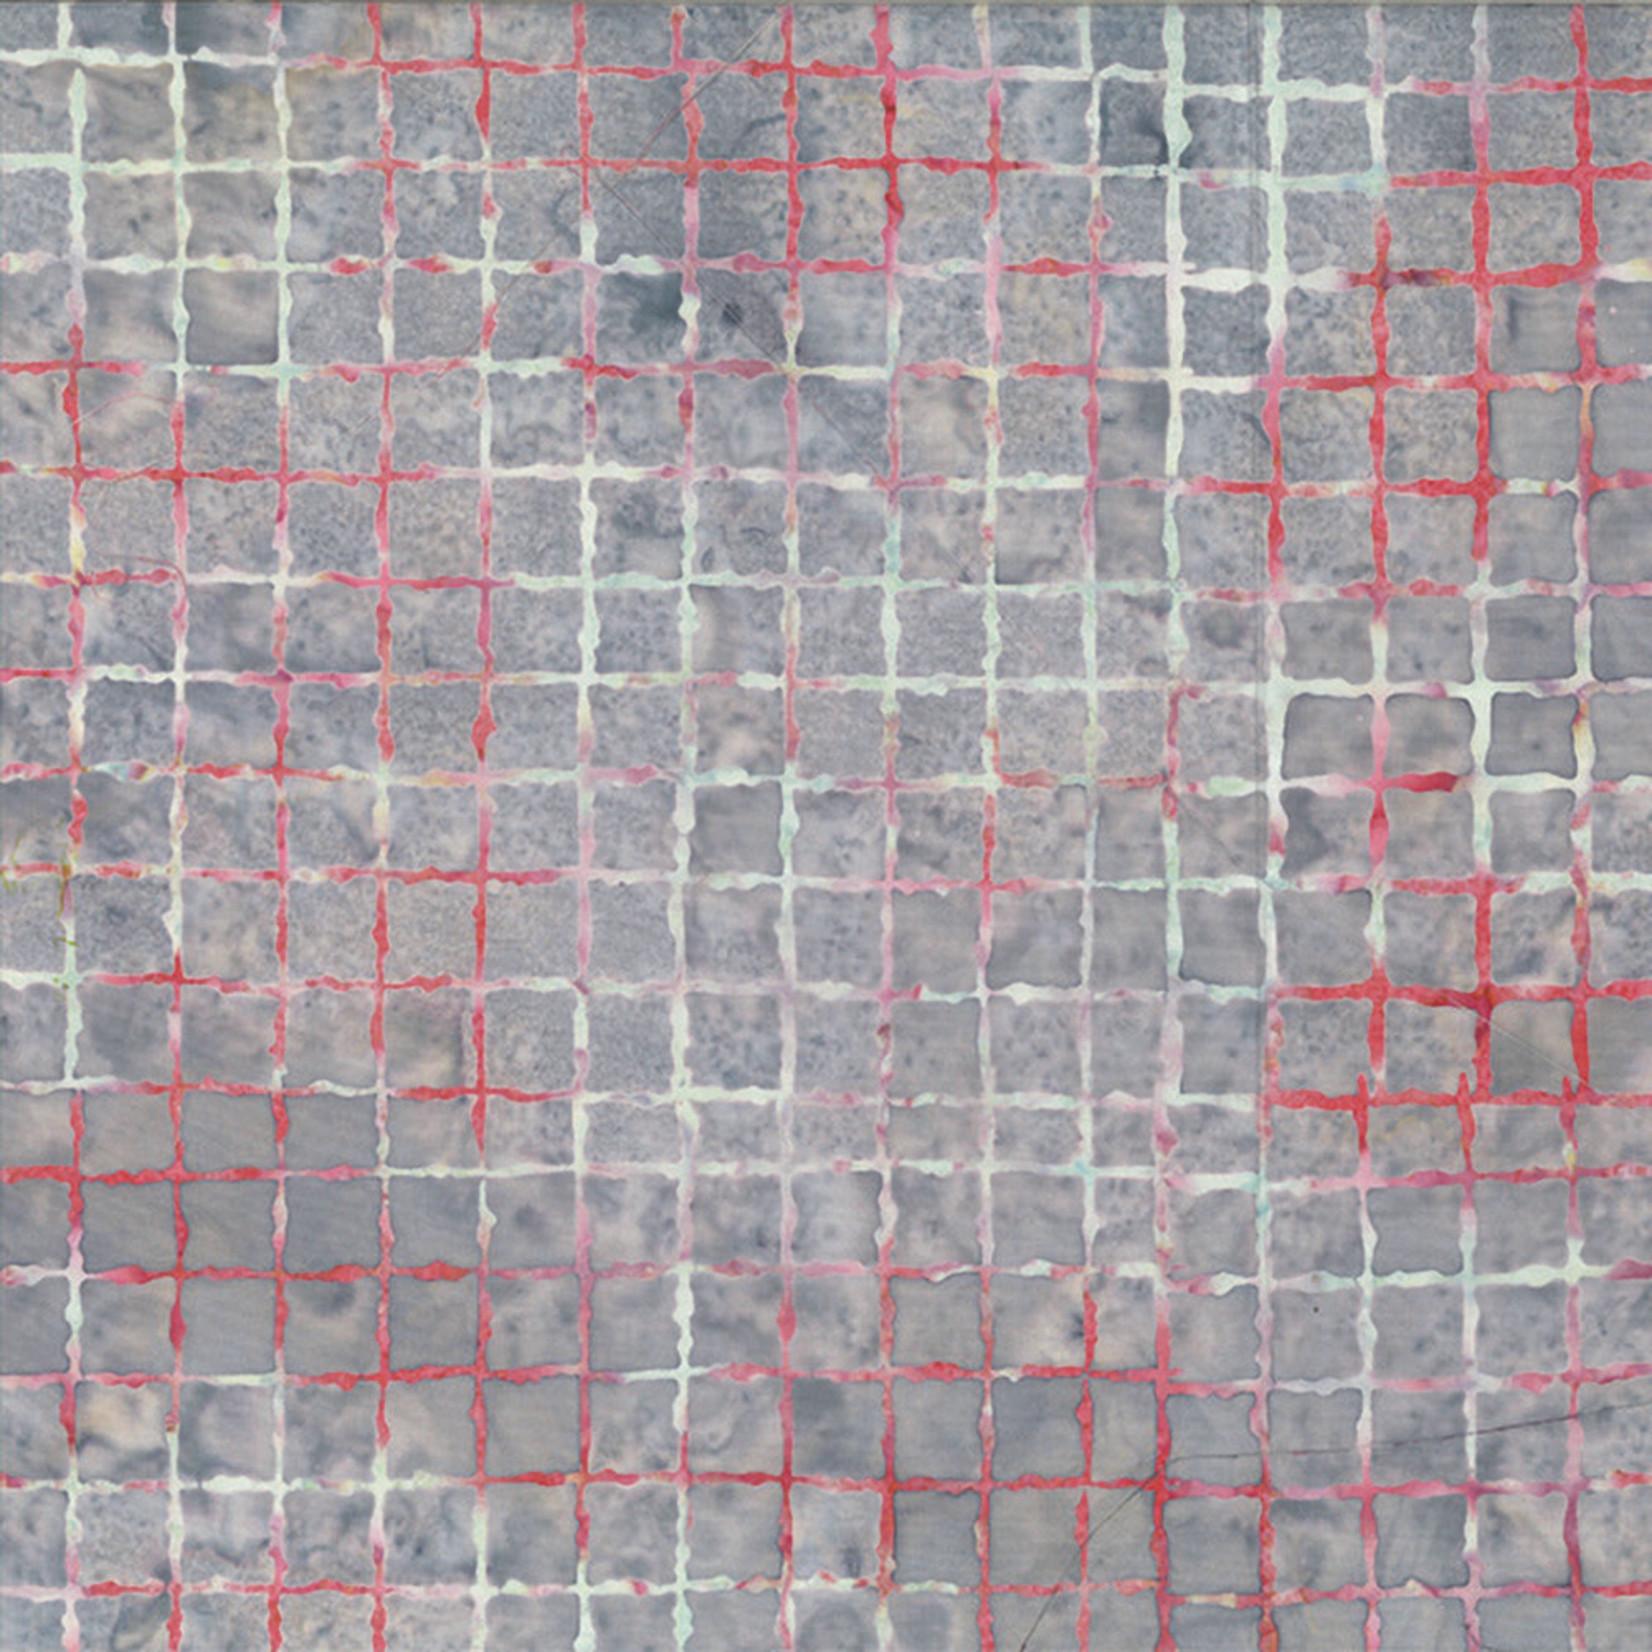 Hoffman Fabrics Bali Batik Grid 2195 - 587 Februari